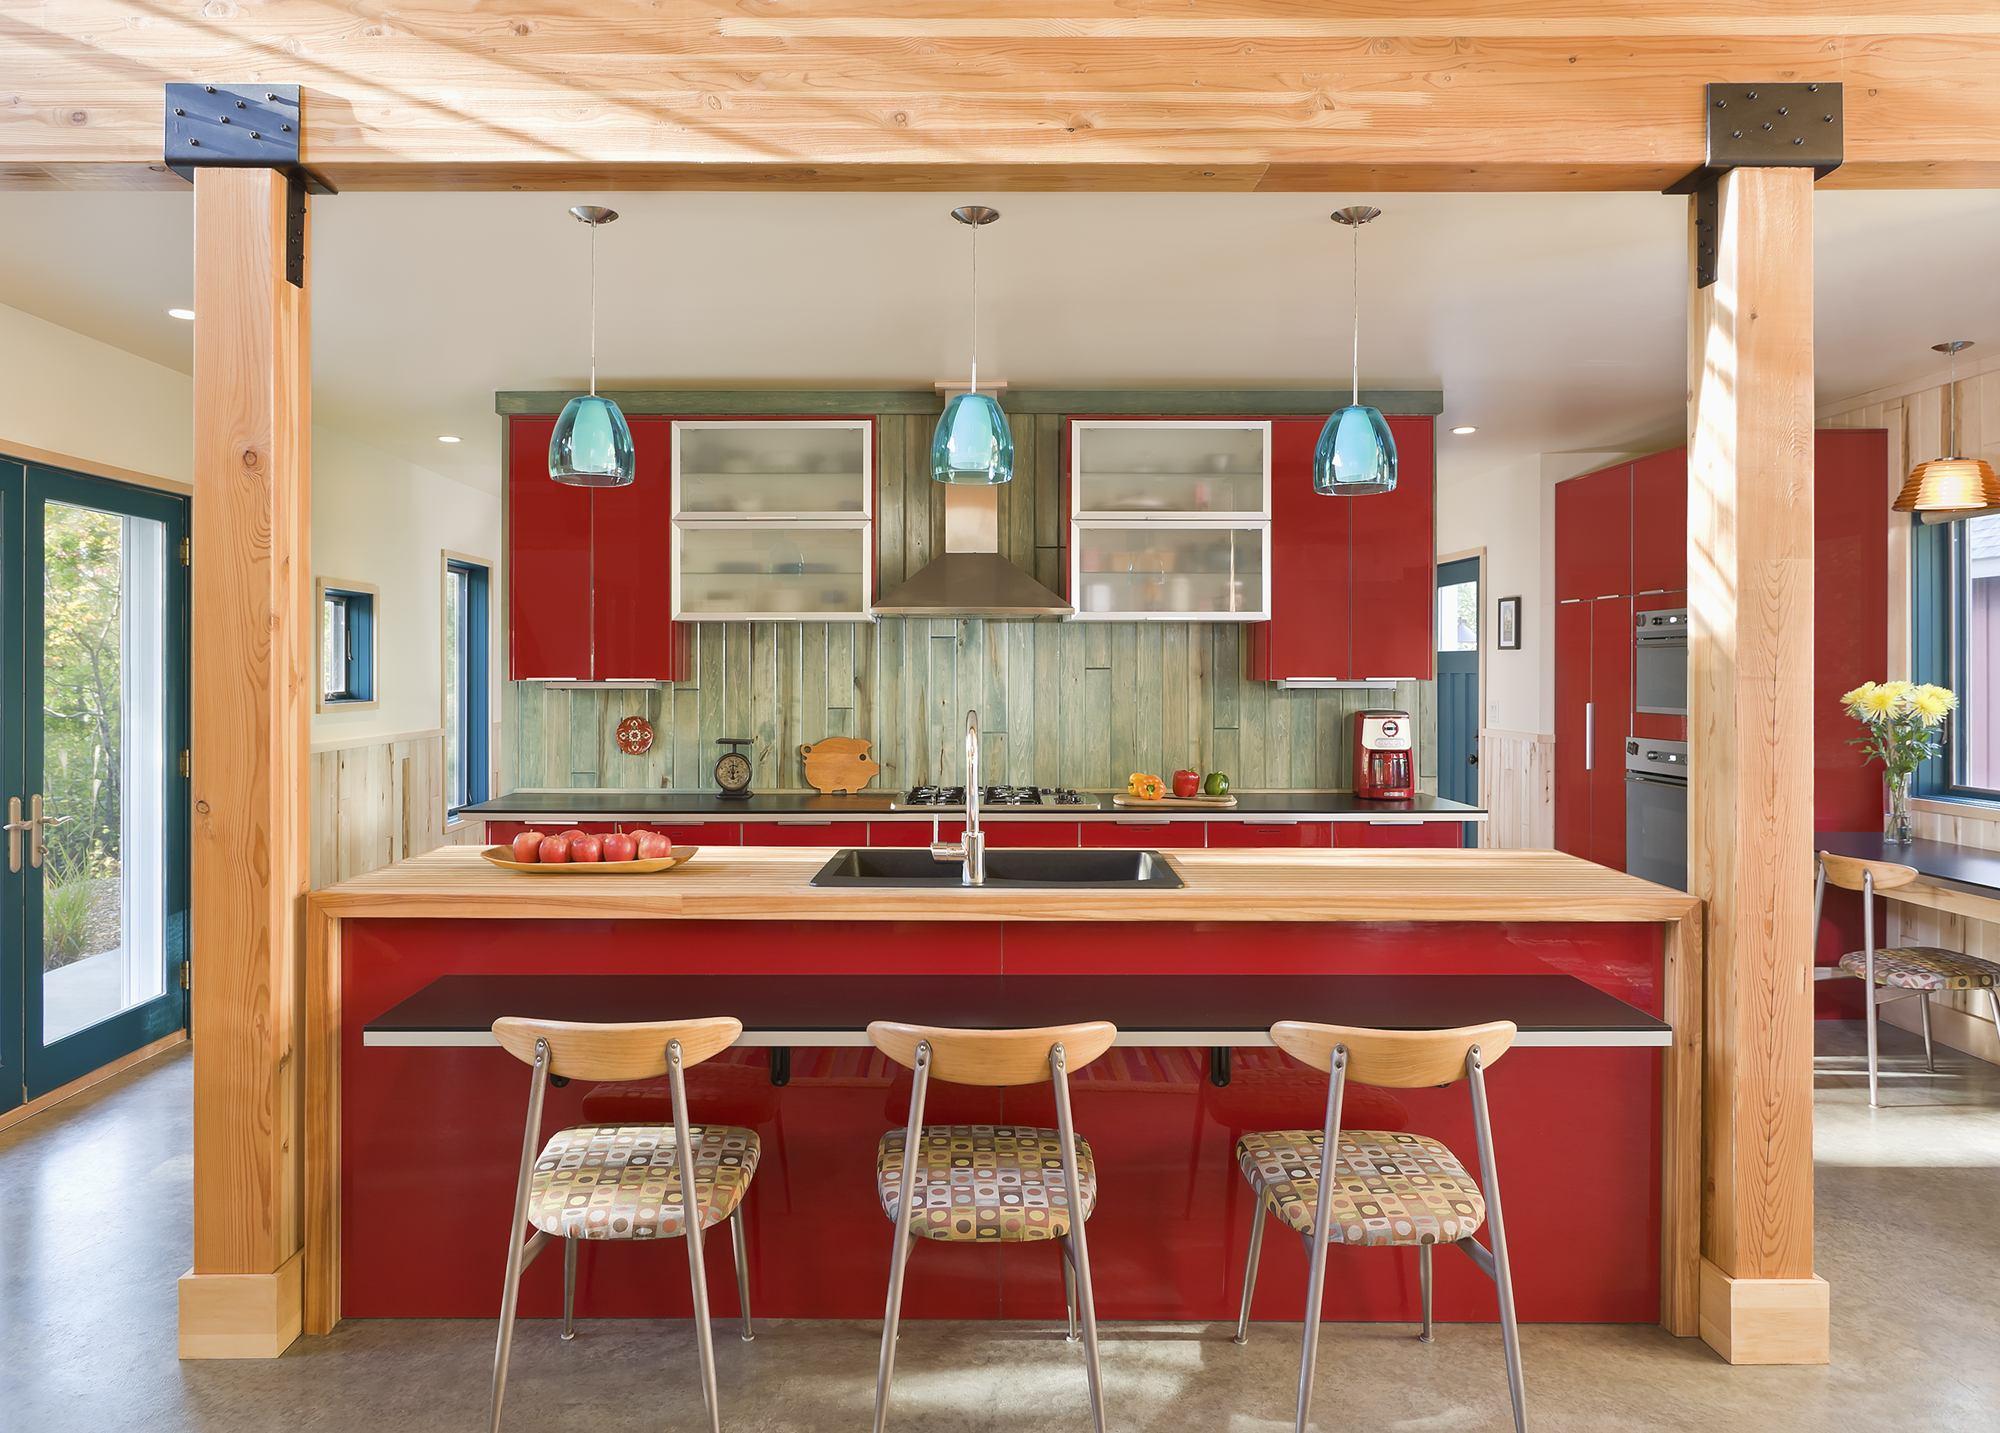 style-tendance-pour-cuisine-rouge-idees-de-conception-avec-ilot-de-cuisine-rectangulaire-combine-brun naturel-plan-en-bois-non fini-et-dinnete-flottant-ajoute-tissu-motif-assise-salle-a manger- chaises-ainsi que cuisine-c